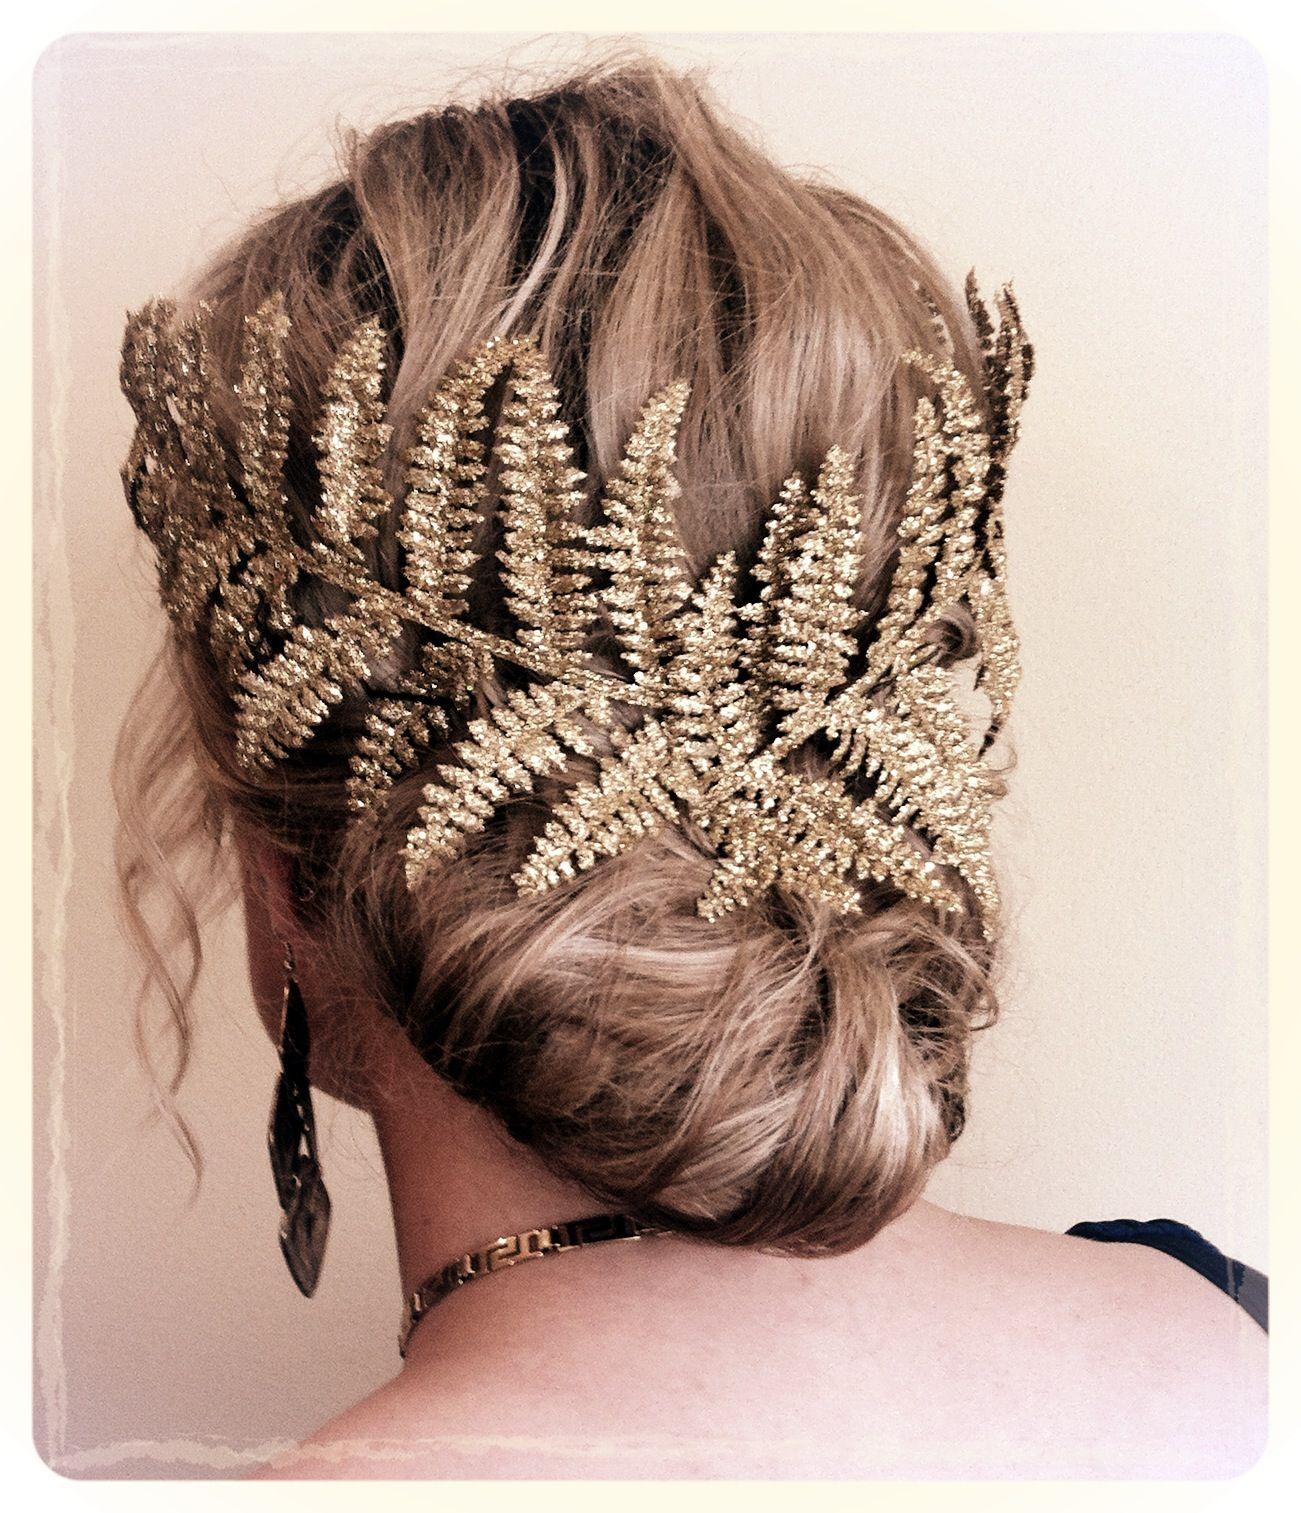 Greek goddess hair style, great Halloween look. Wooooooow ...